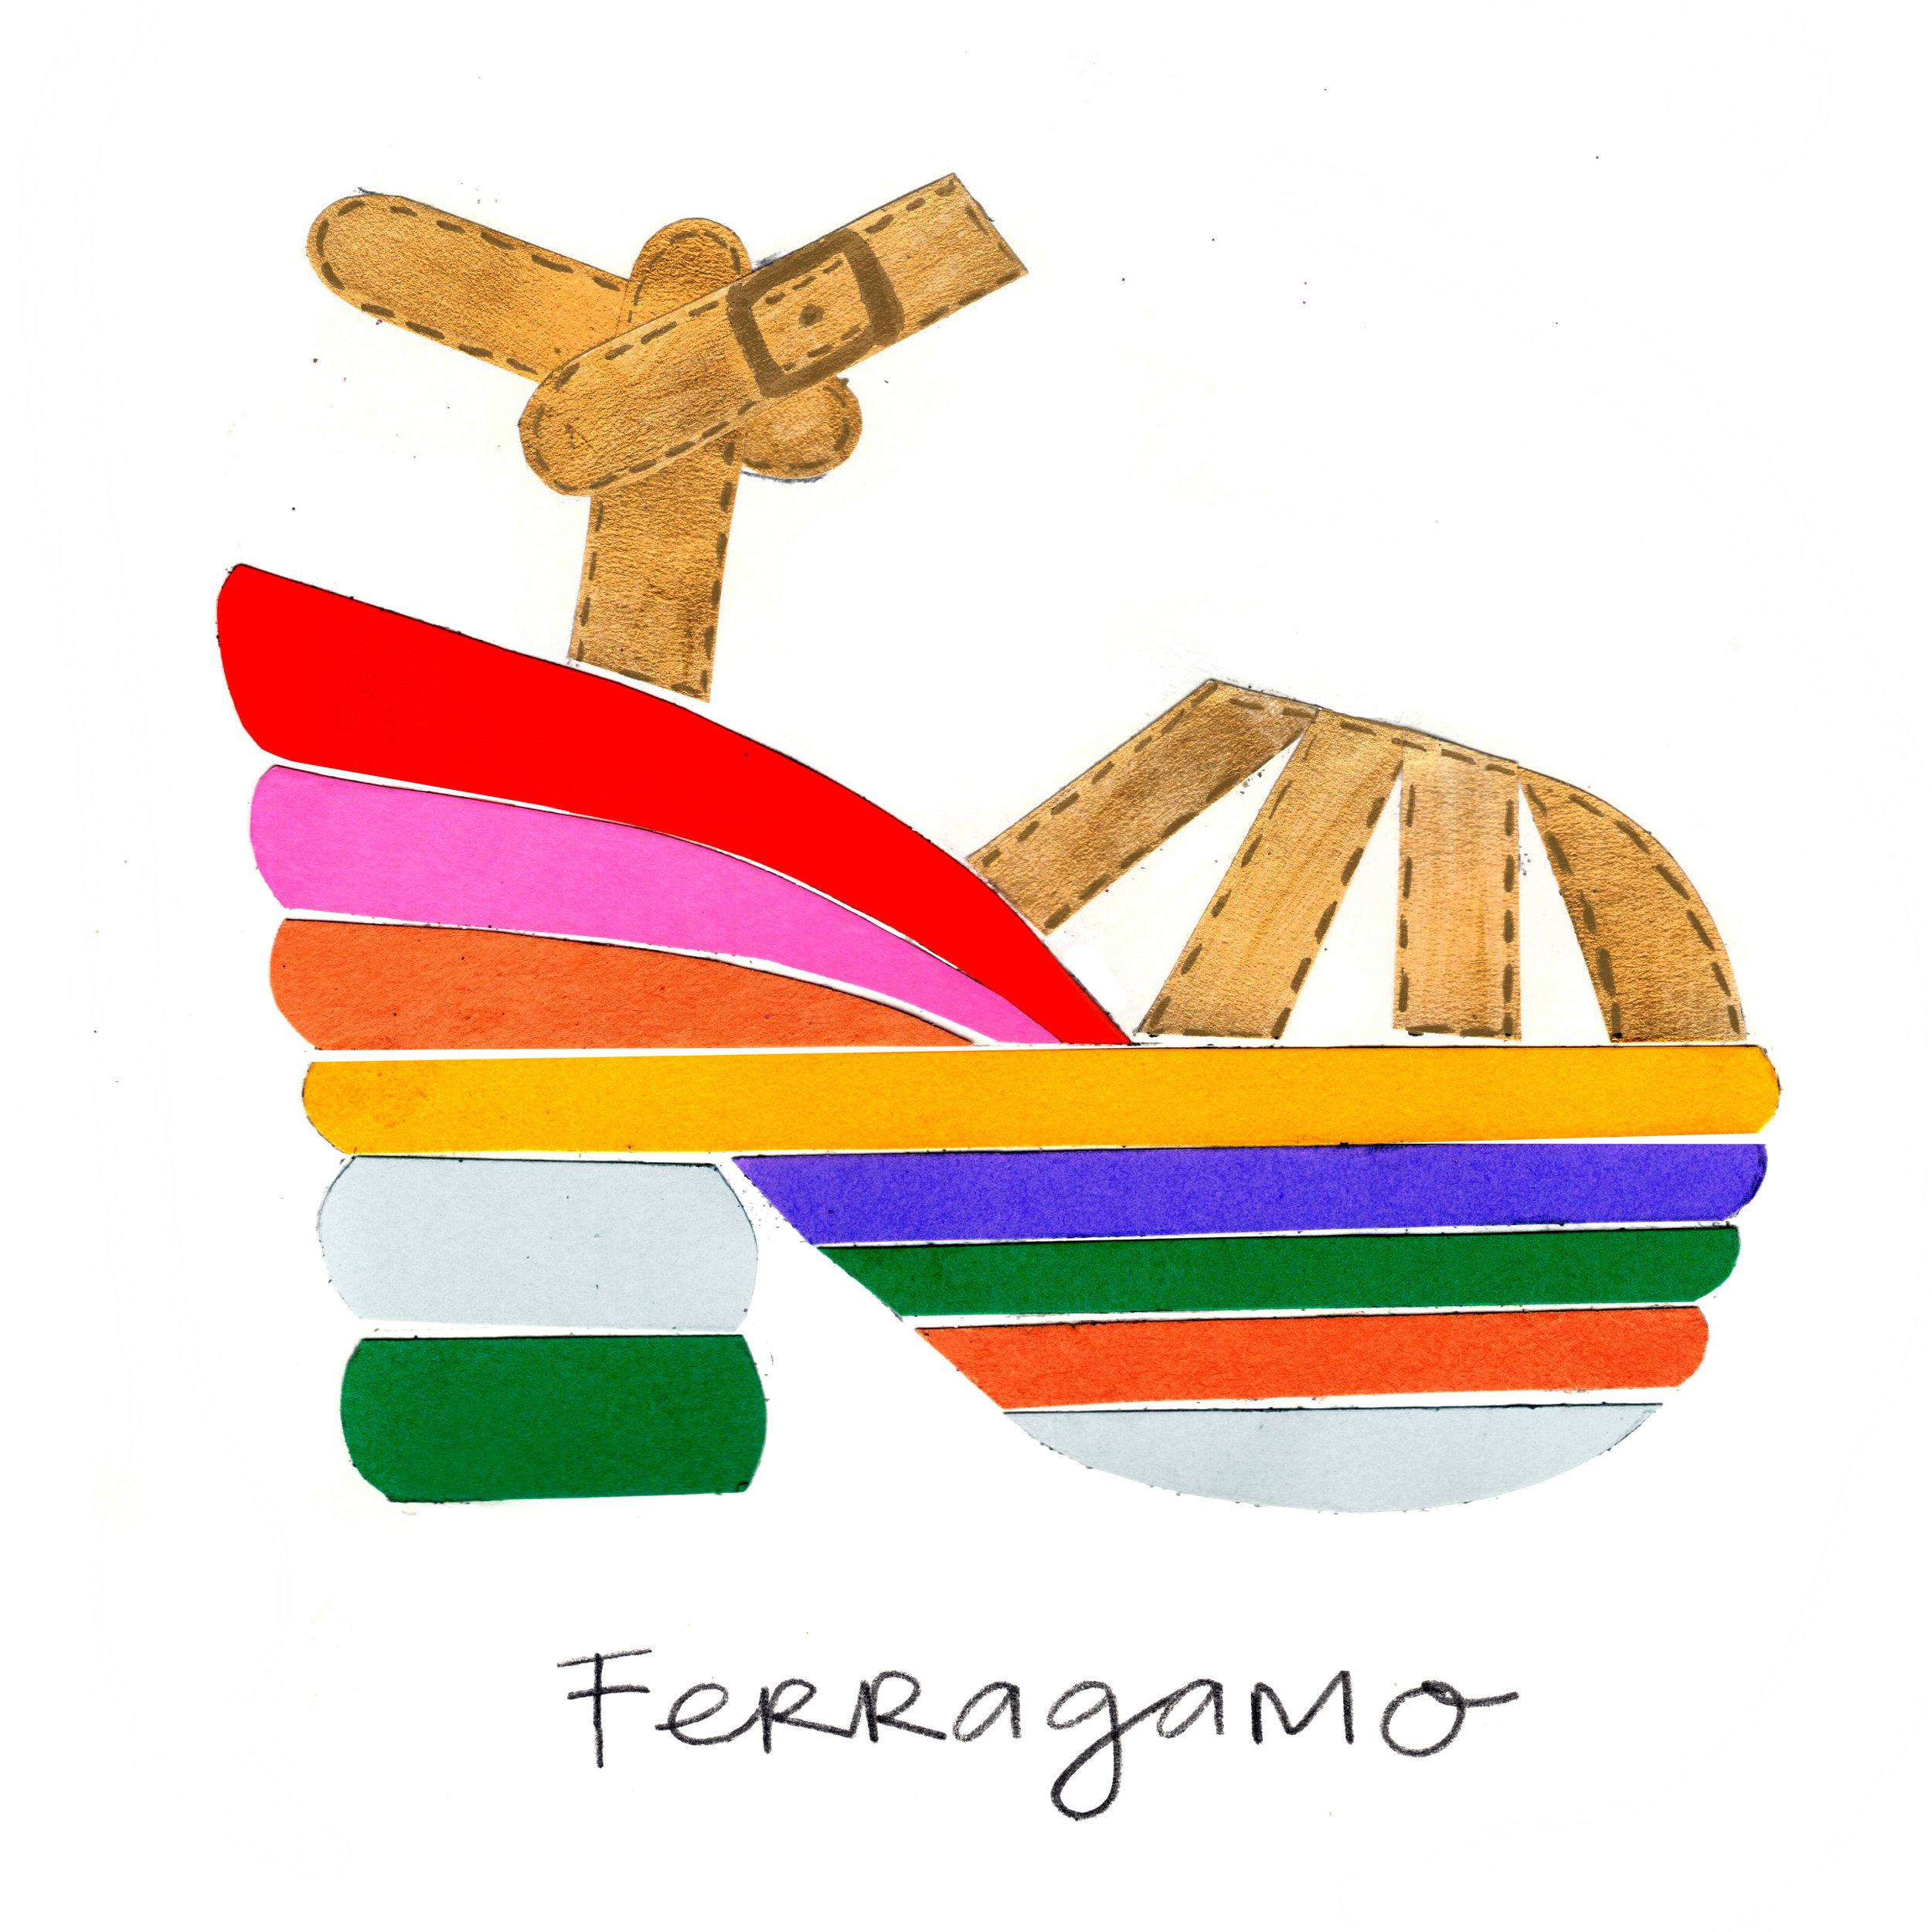 shoes_ferragmo_final_small.jpg